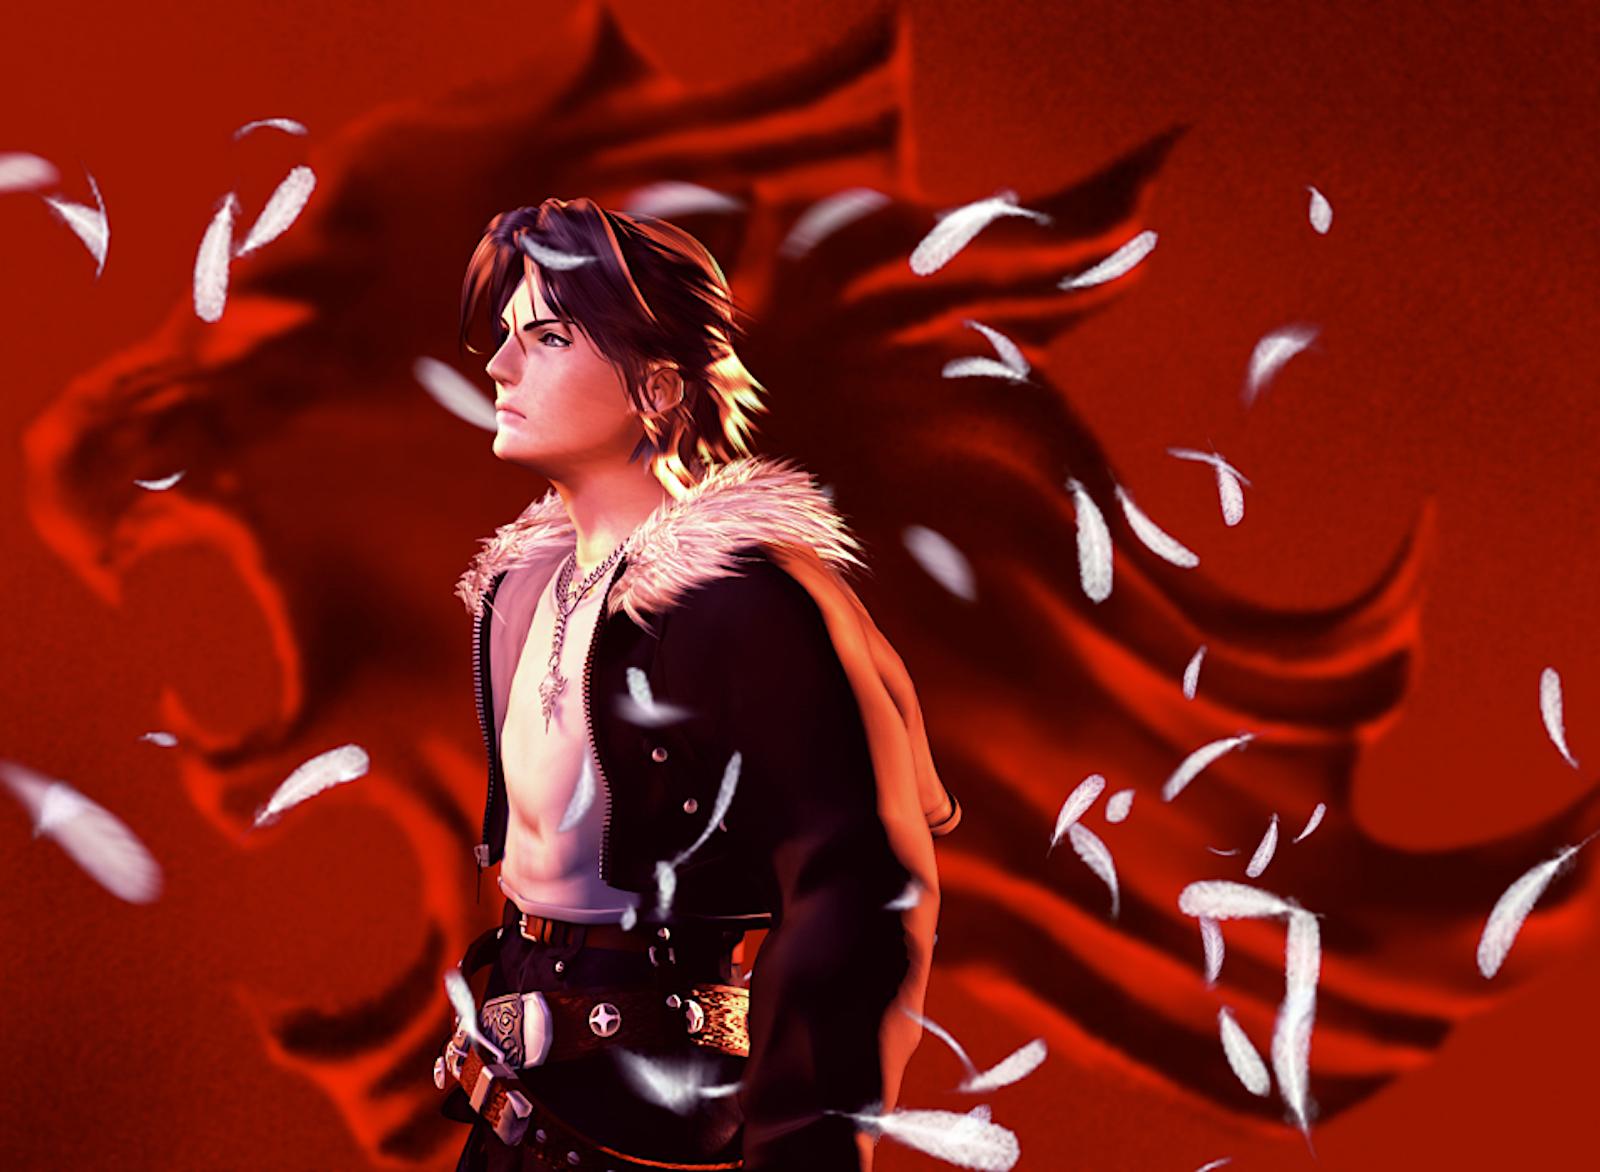 Final Fantasy 8 remaster sneak peek revives a classic meme